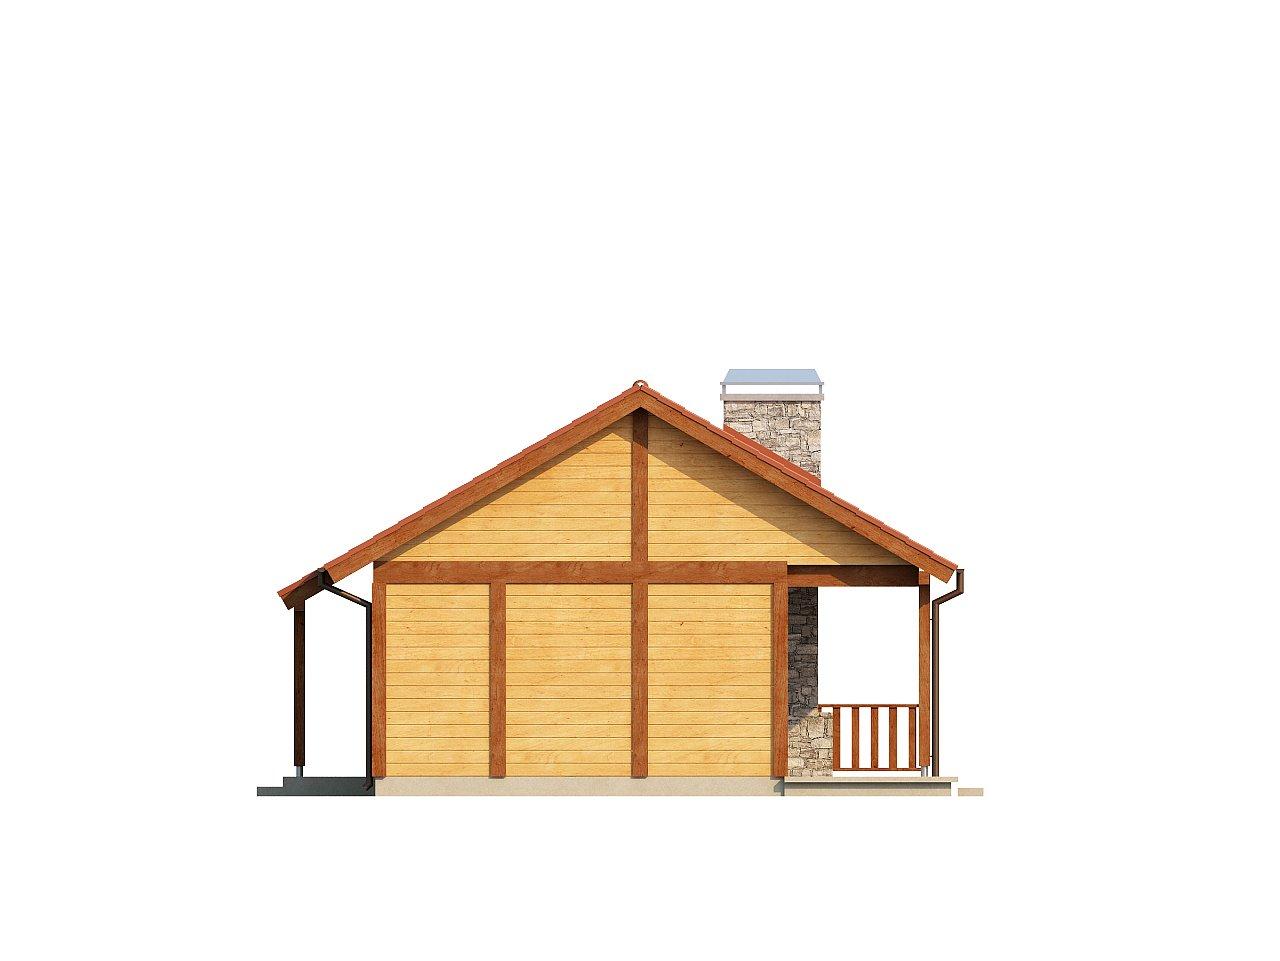 Маленький одноэтажный дом, оснащенный всем необходимым для круглогодичного проживания. 15